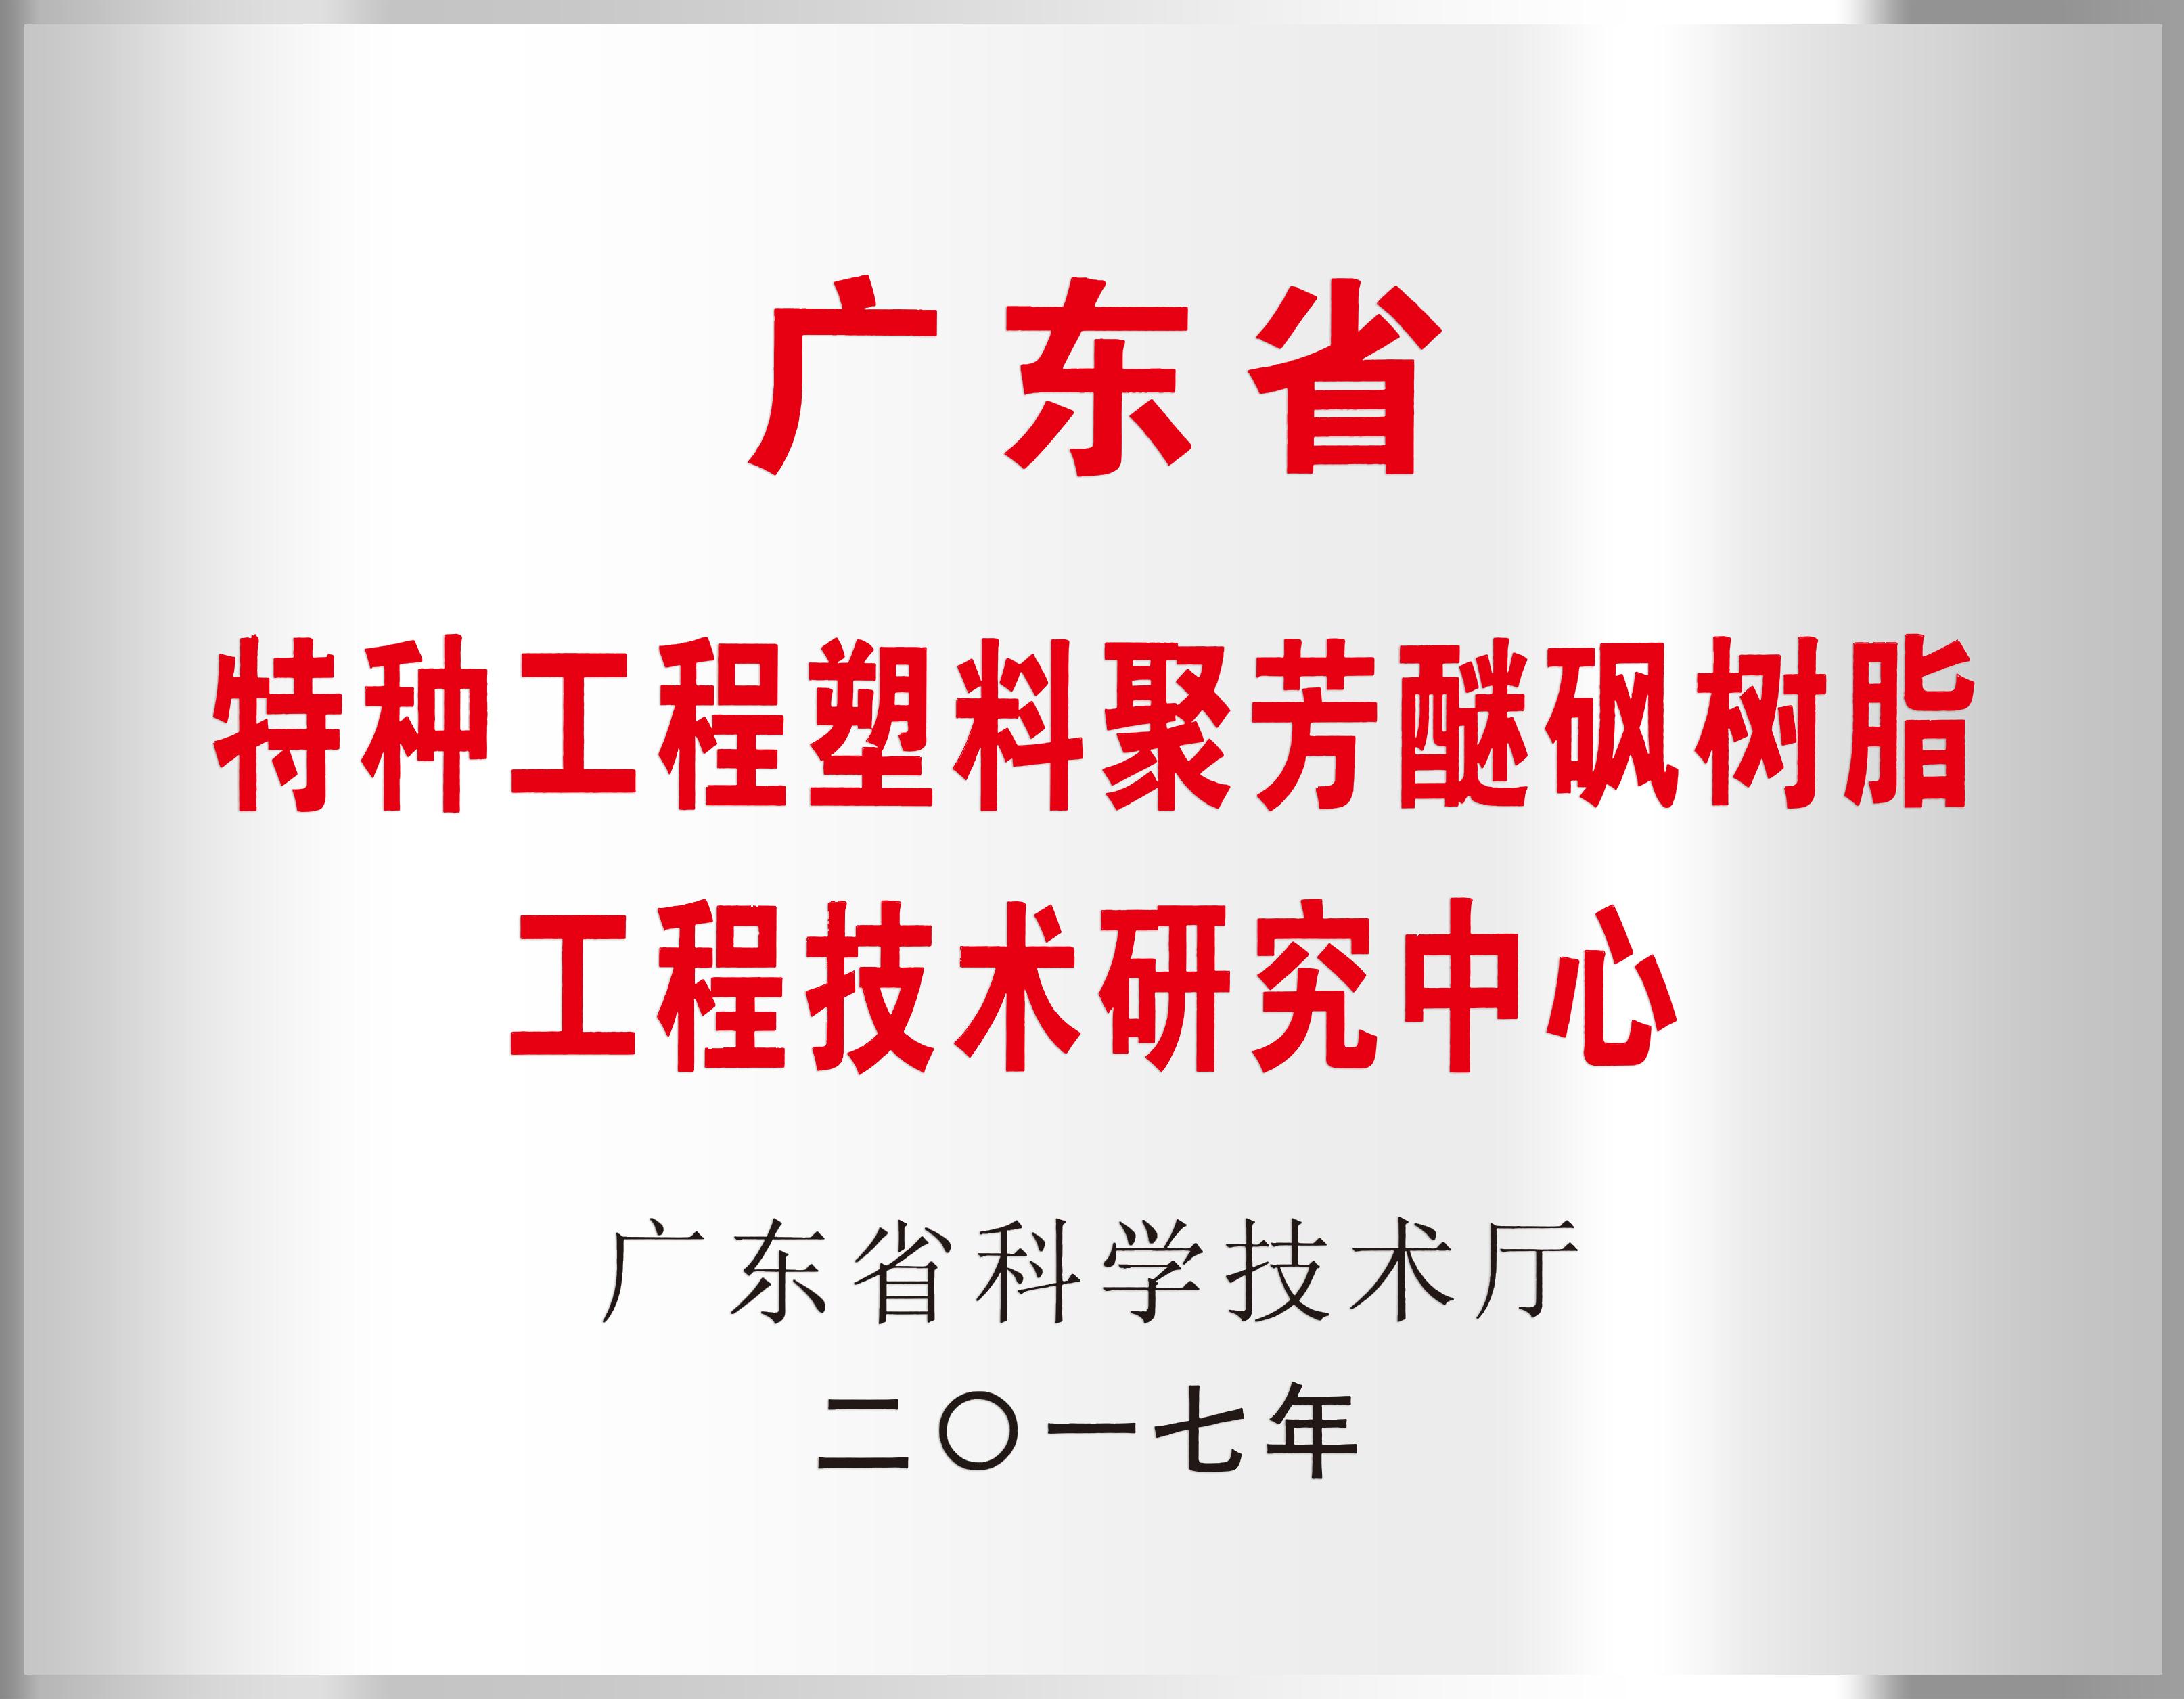 优巨新材-广东省特种工程塑料聚芳醚砜树脂工程技术研究中心